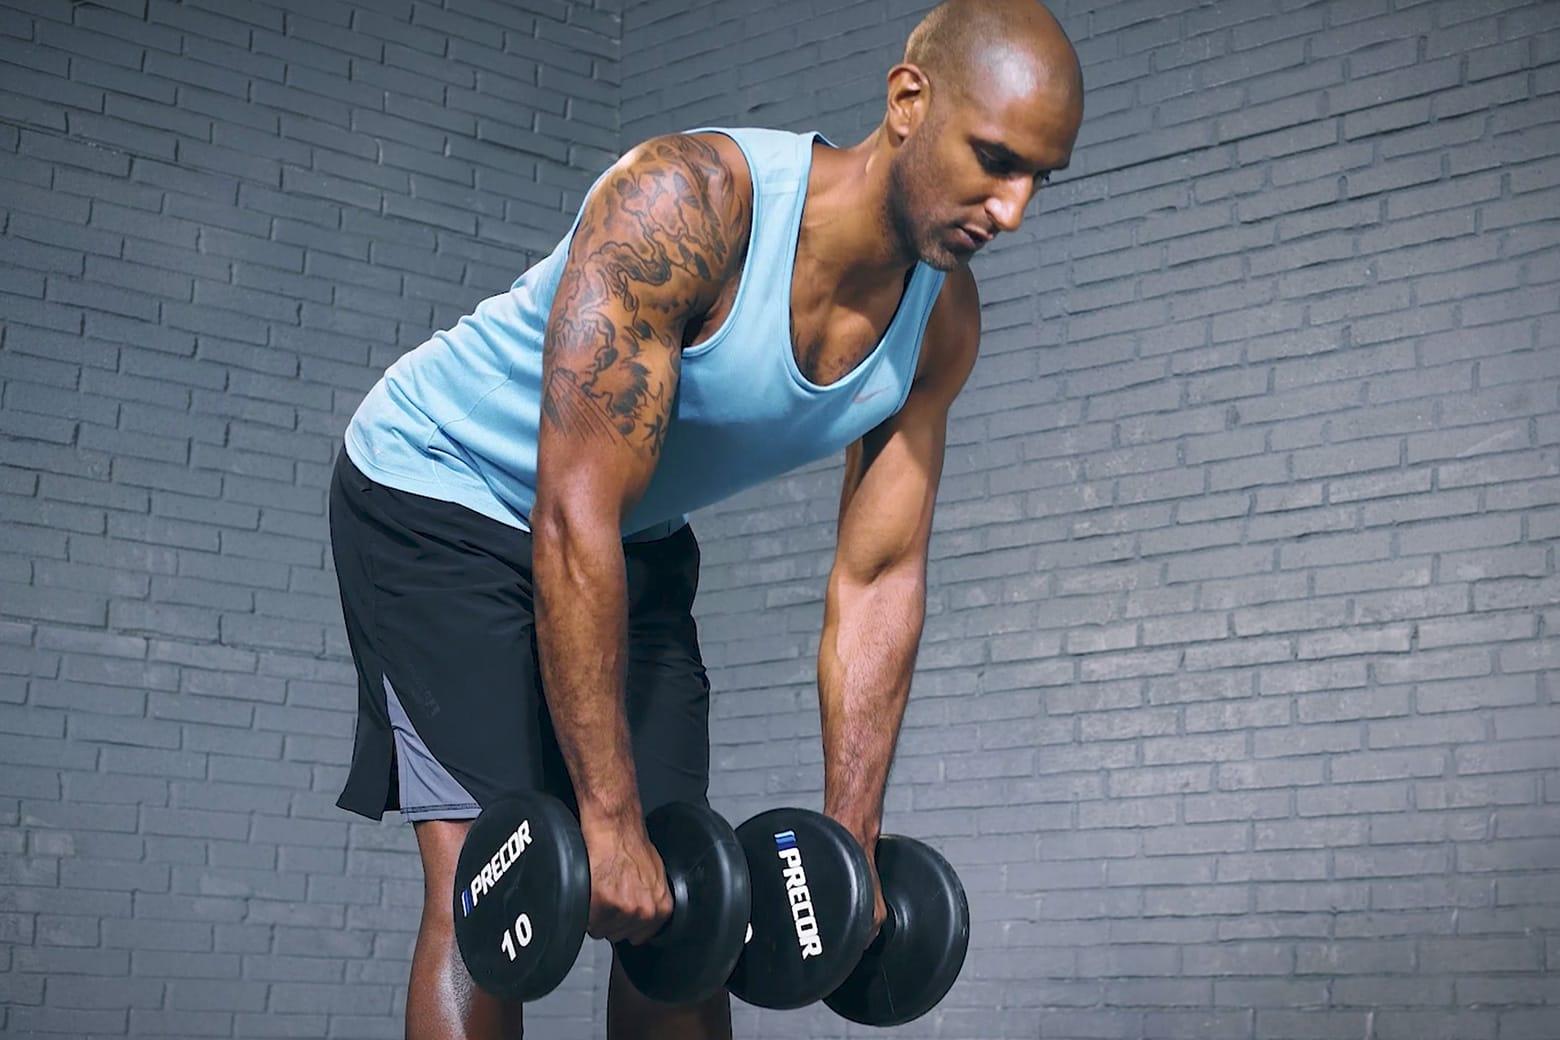 【ダンベルデッドリフト】背中やハムストリングを鍛えることのできるトレーニングを筋トレのプロが徹底解説【動画あり】